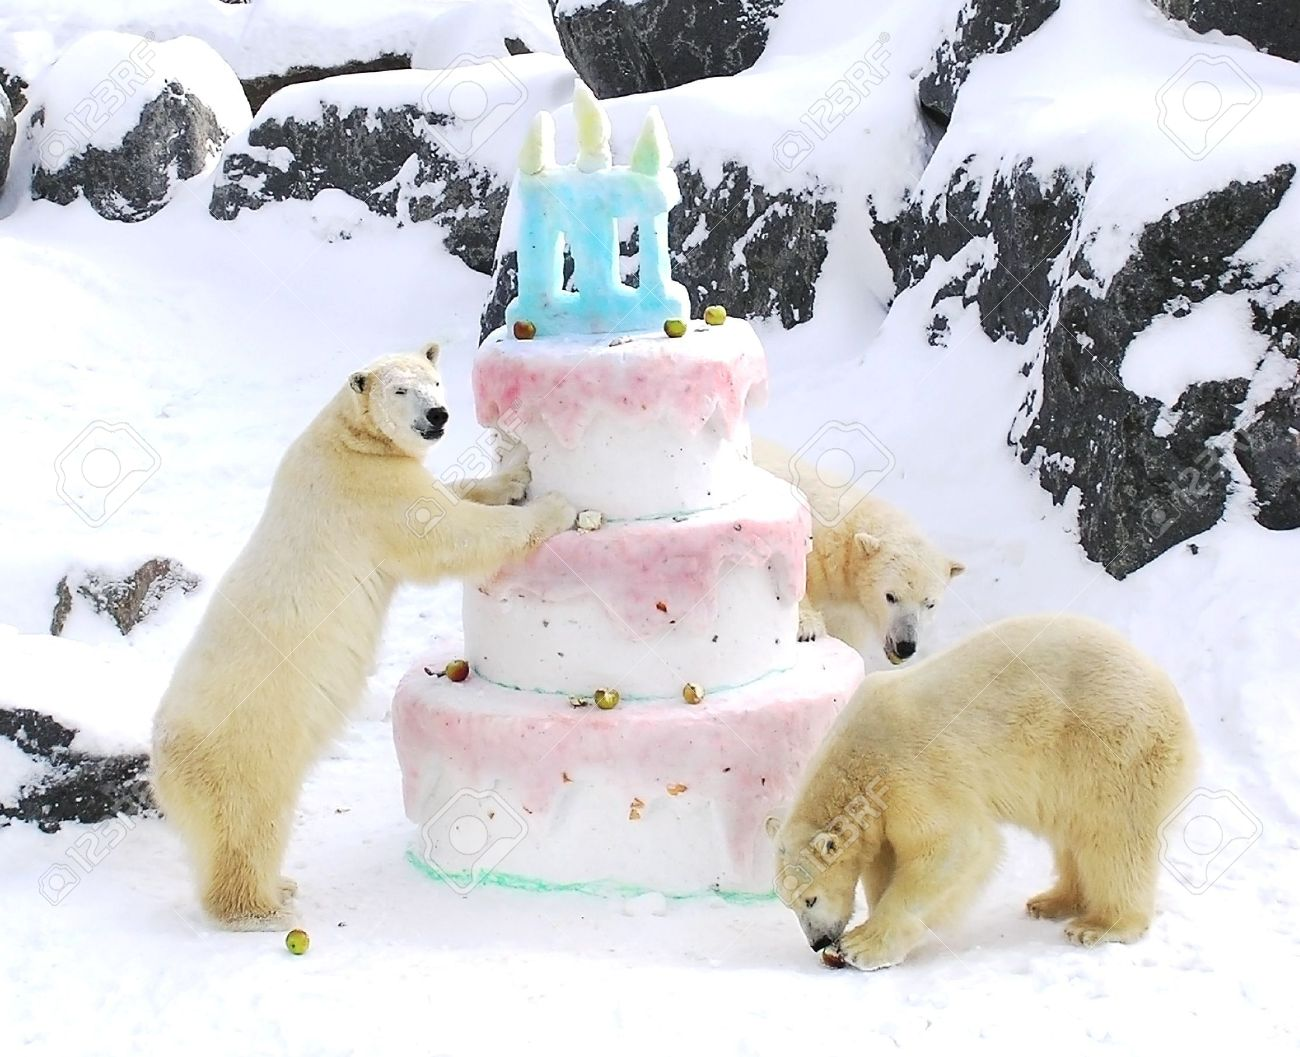 Drei Eisbaren Feiern Ihren Geburtstag Mit Einem Riesigen Kuchen Aus